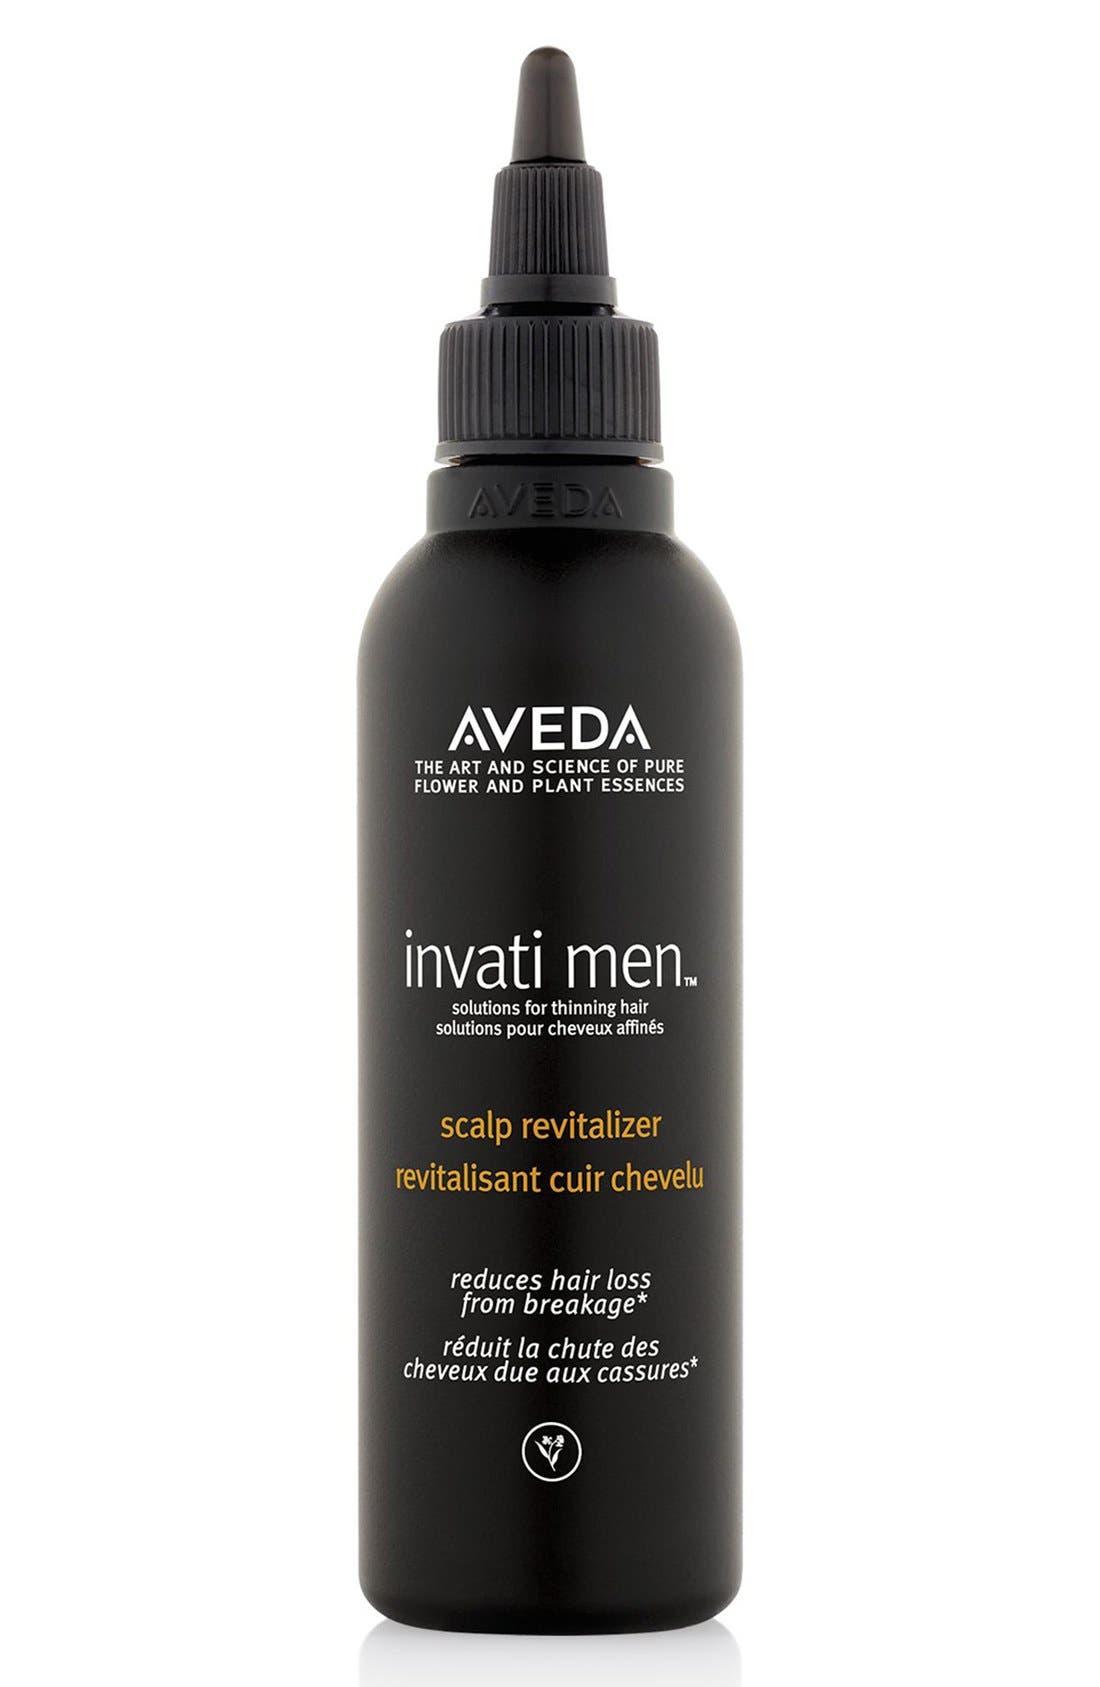 Aveda 'invati men™' Scalp Revitalizer